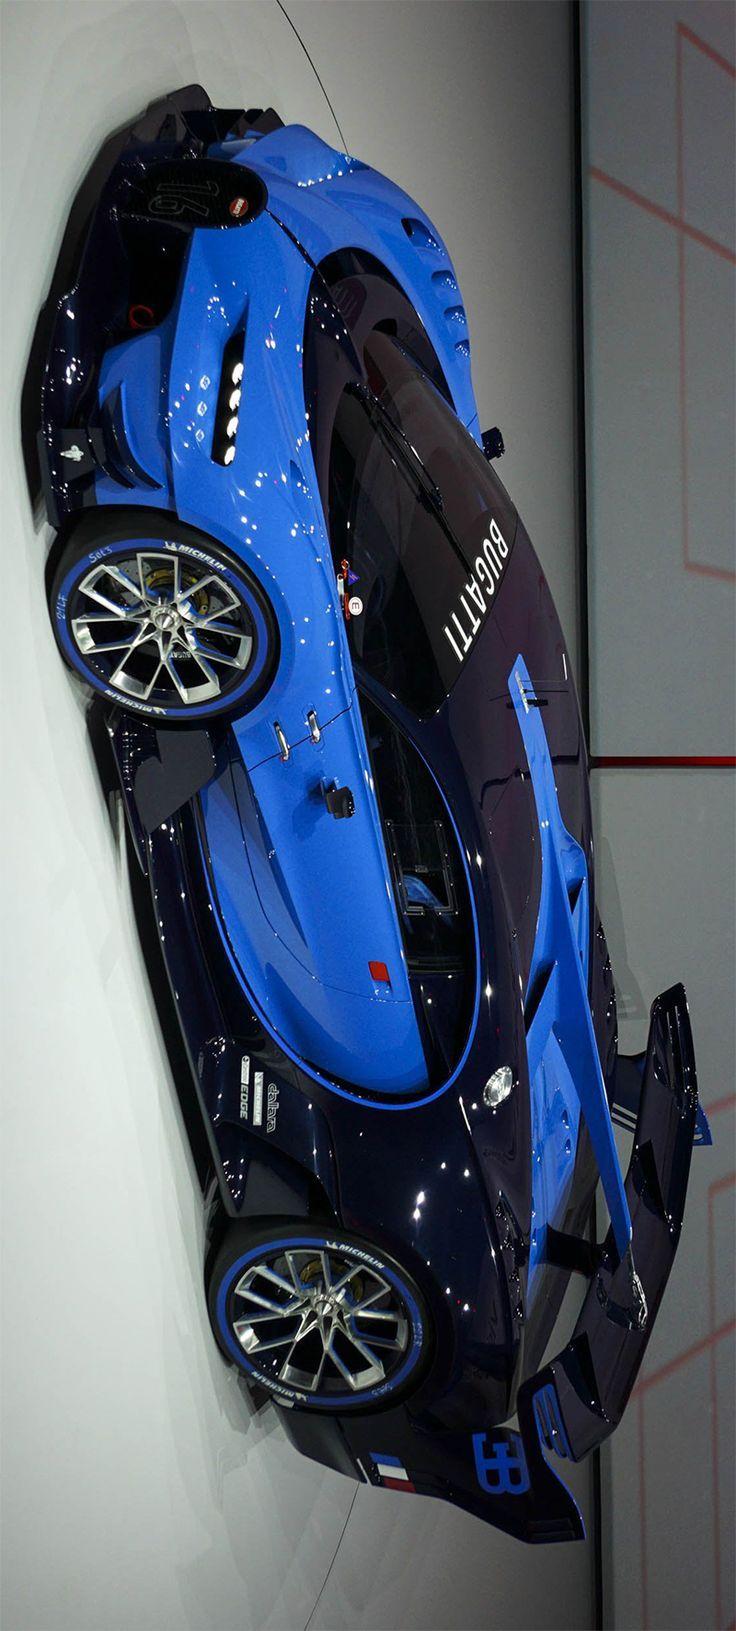 Bugatti Vision Gran Turismo #Bugatti #BugattiRezension #SuperCars #SportsCars – … #Sportwagen